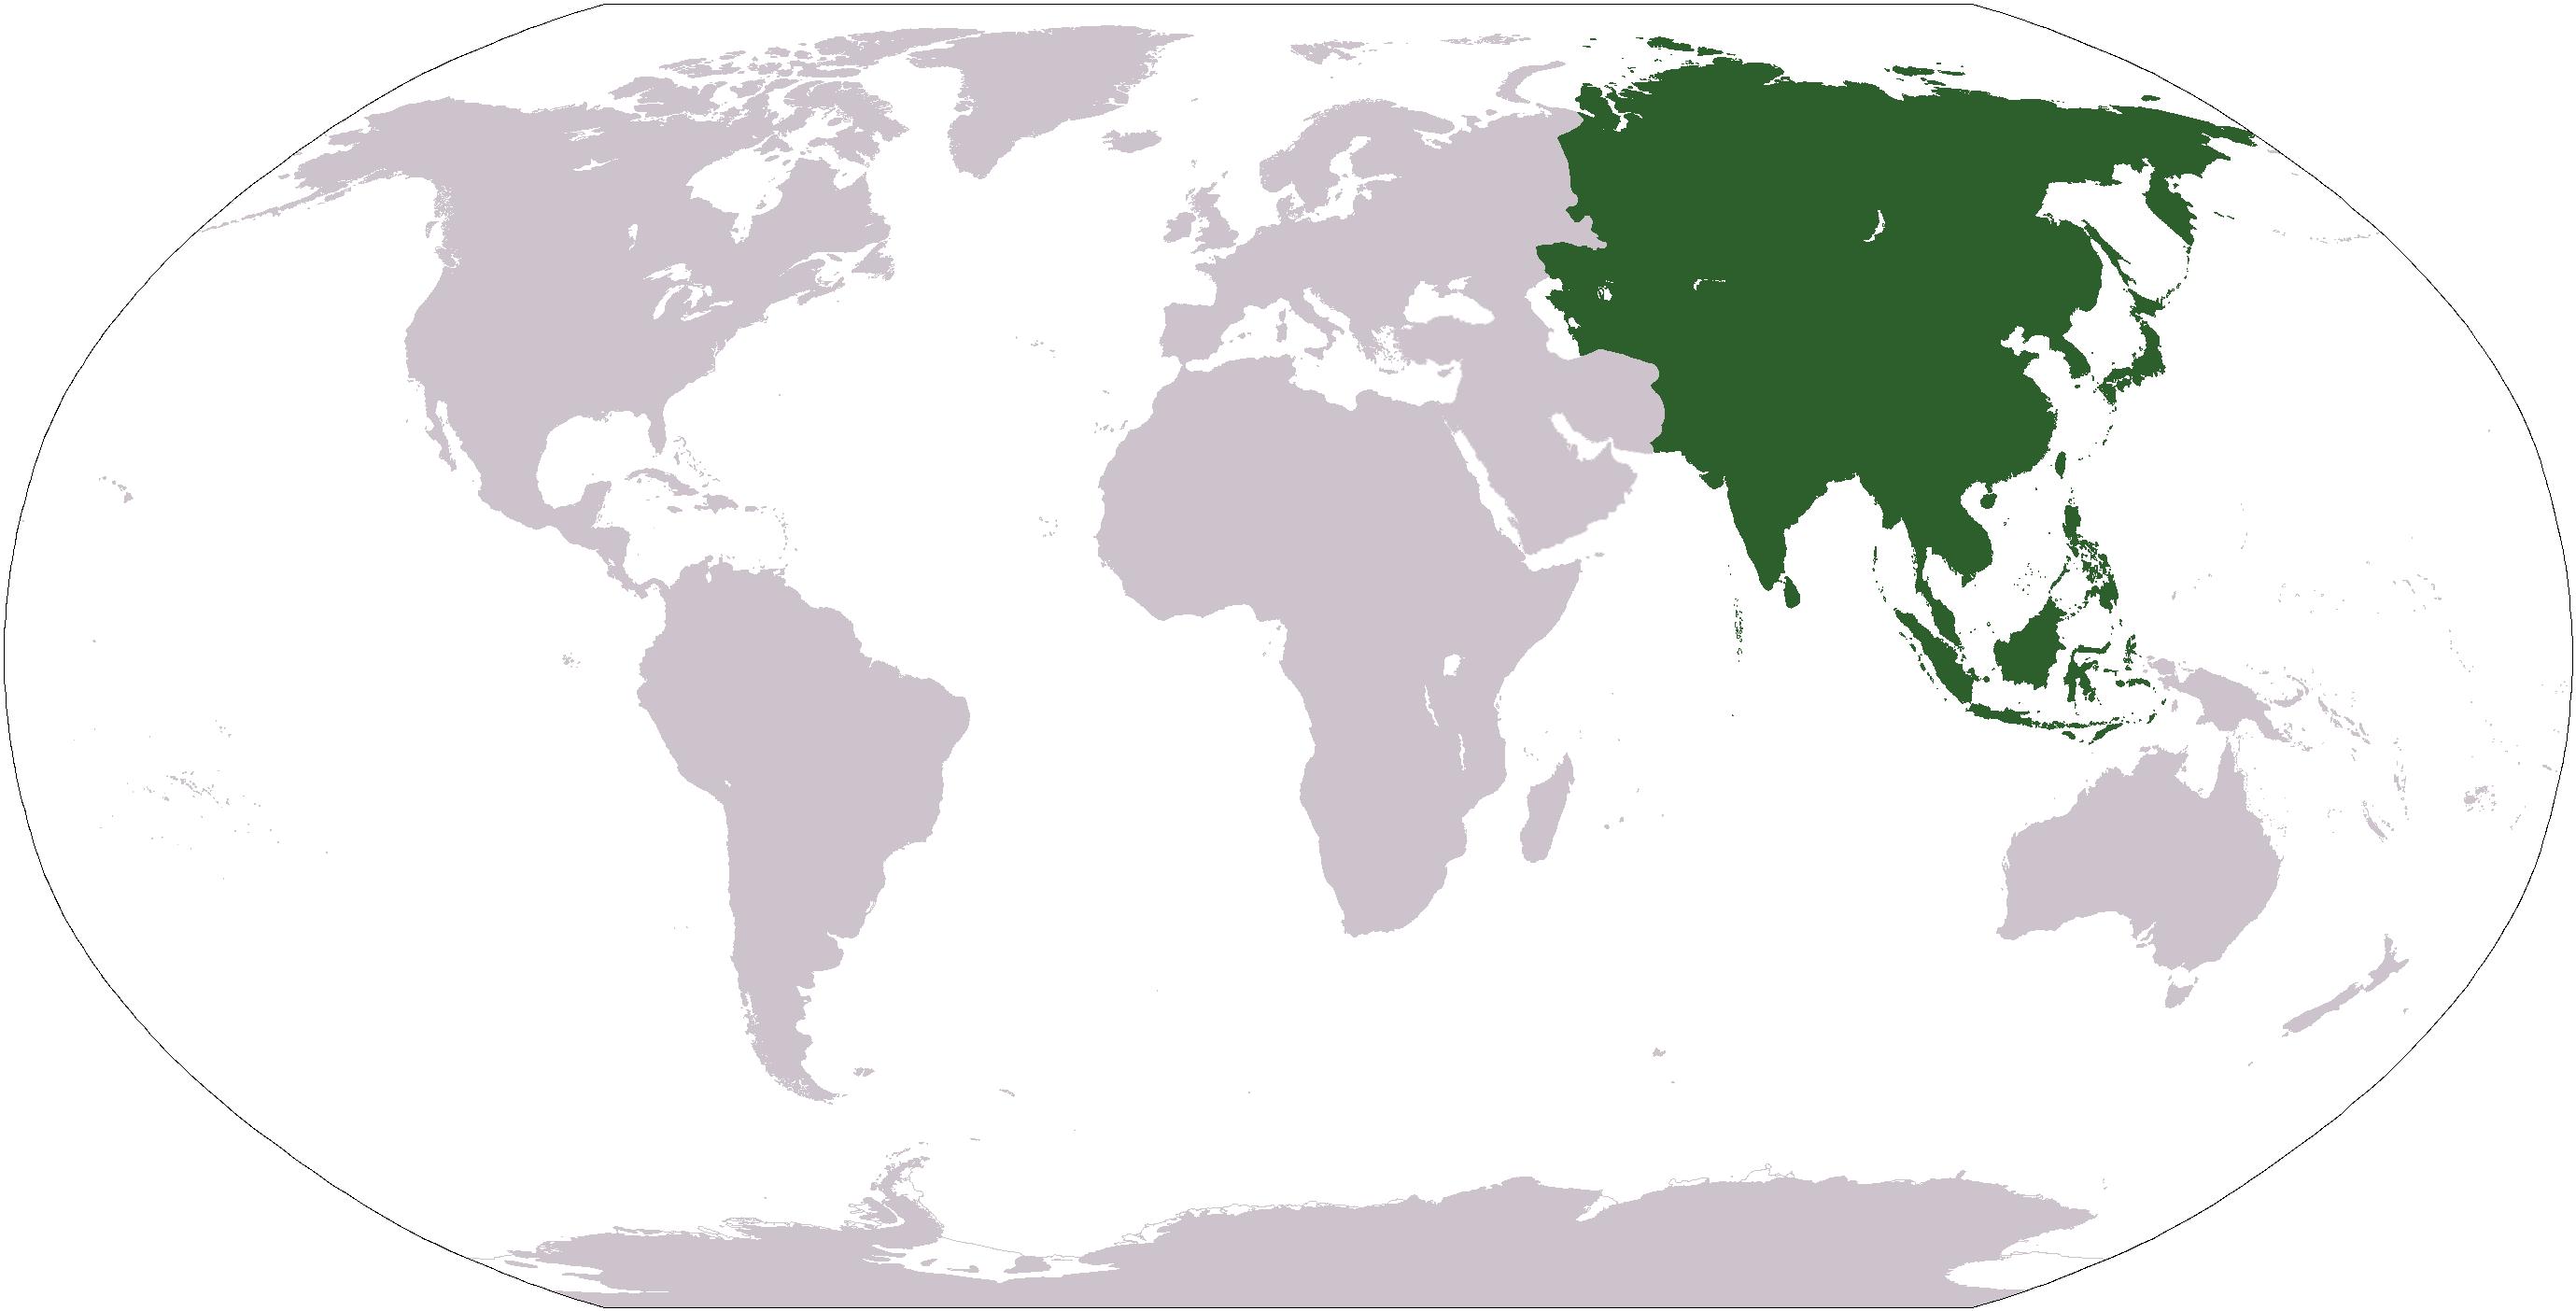 Asiatische Zone